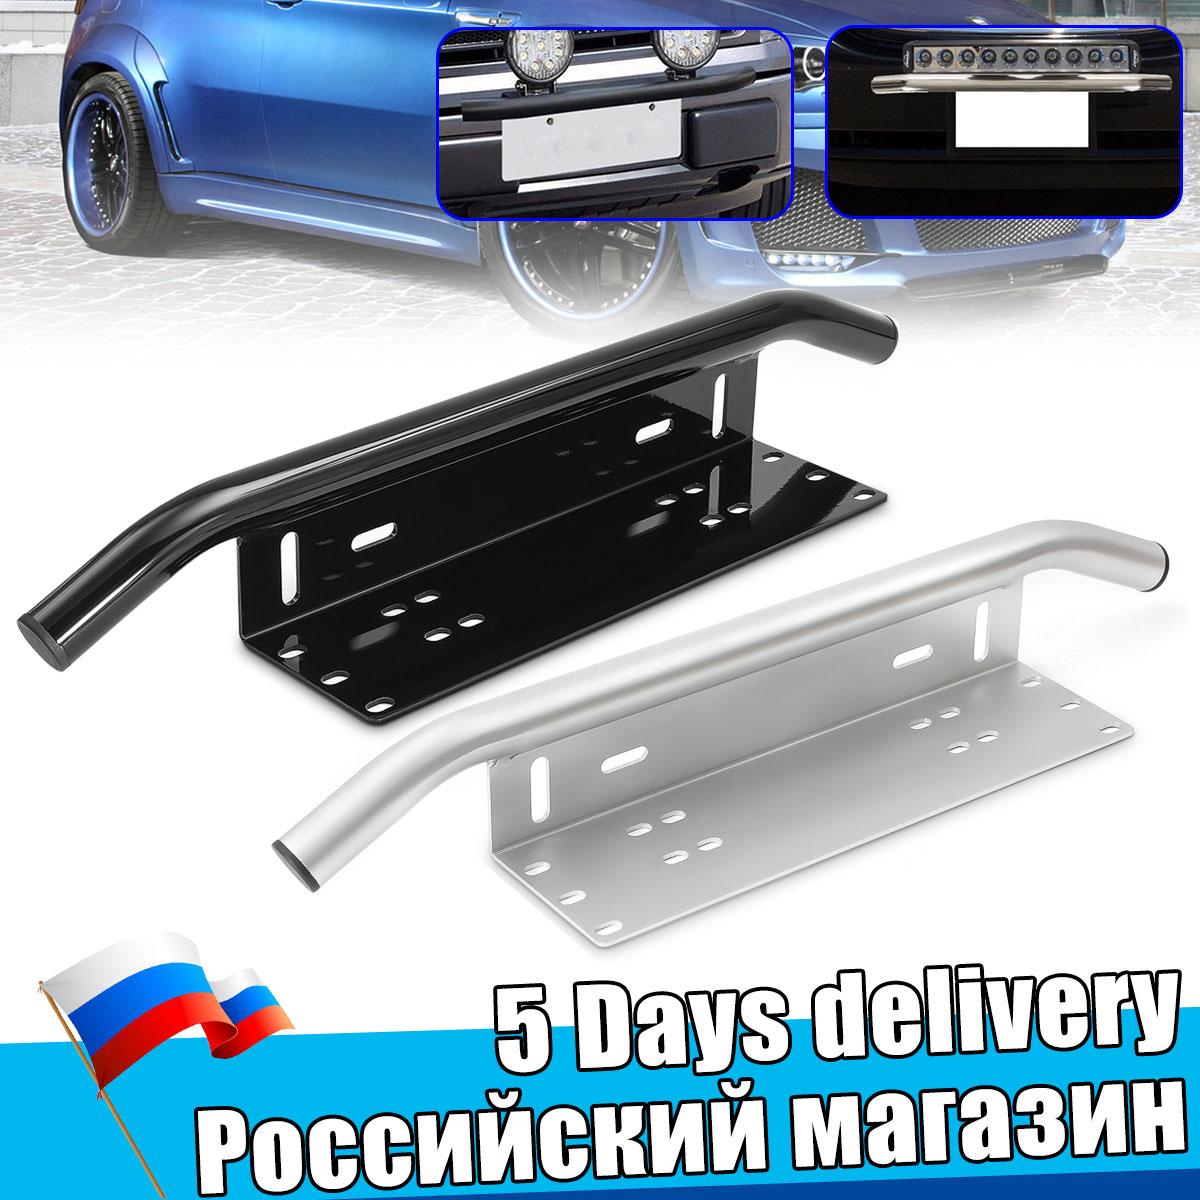 Support de plaque de numéro de voiture | Plaque de numéro de permis tout terrain, support de barre lumineuse, pare-chocs pour véhicule de camion SUV